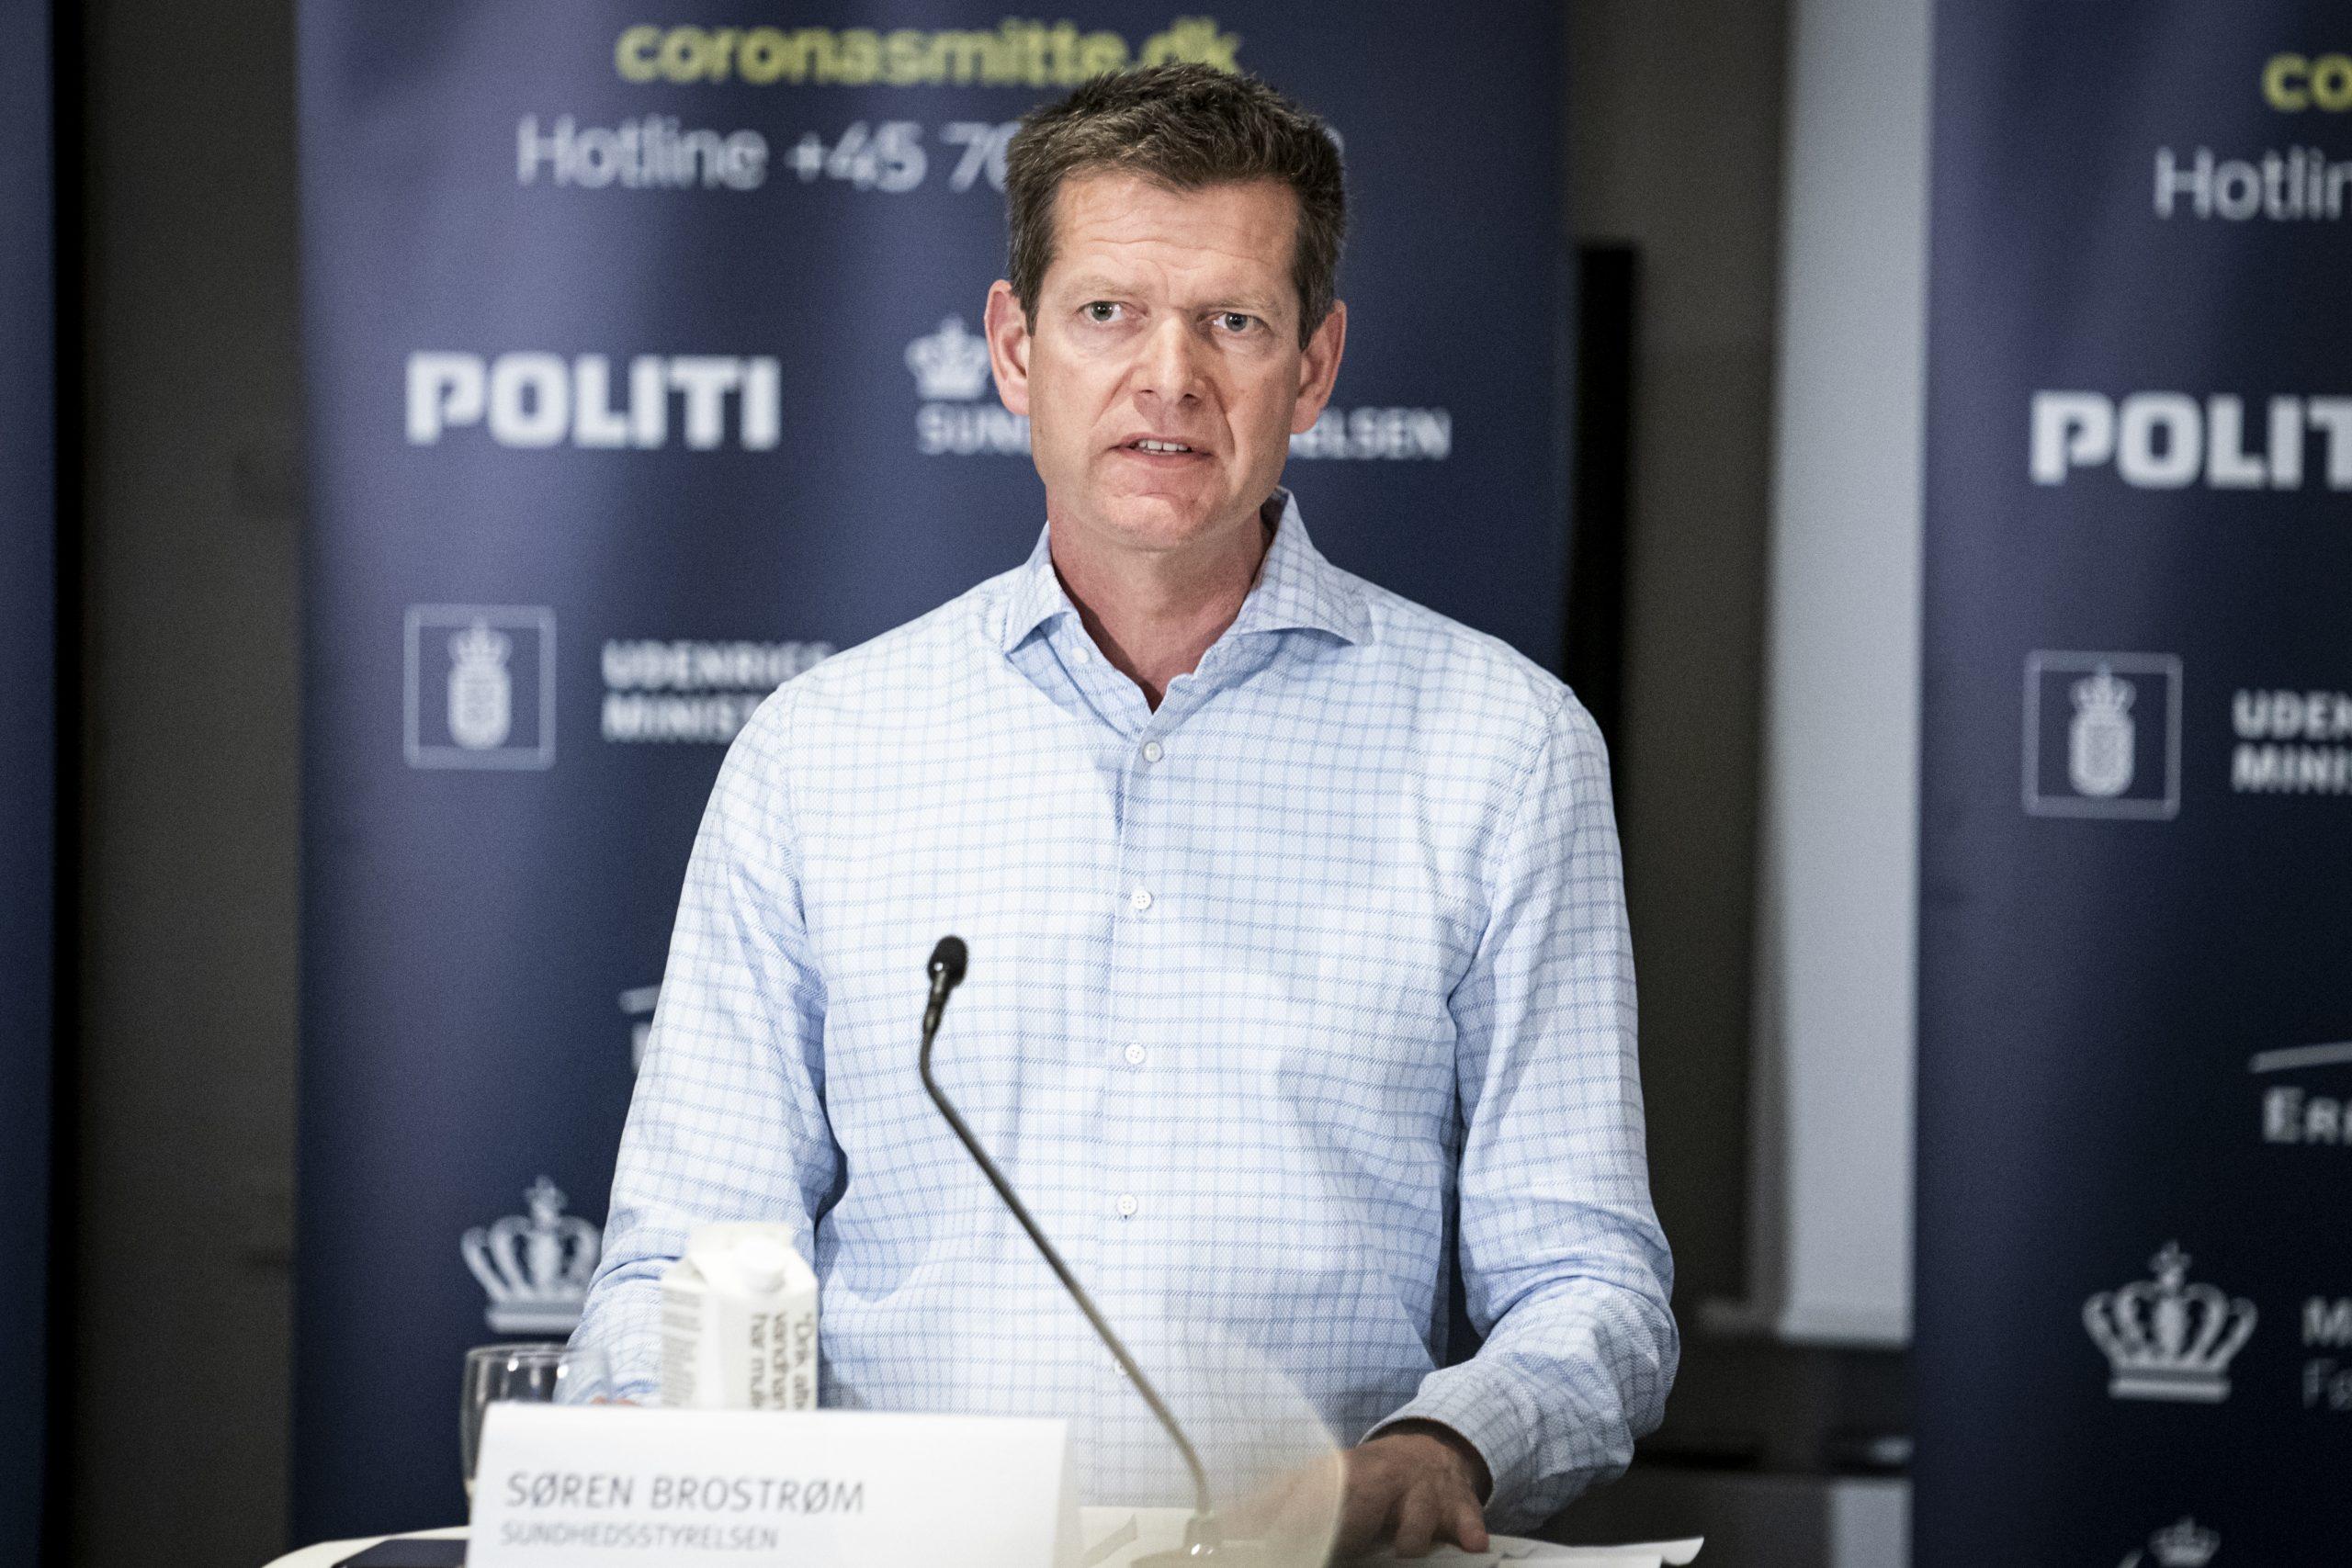 """<span class=""""rodt"""">Sundhedsstyrelsen brugte over 130.000 på Brostrøm-interviews:</span> Penge ud af vinduet"""